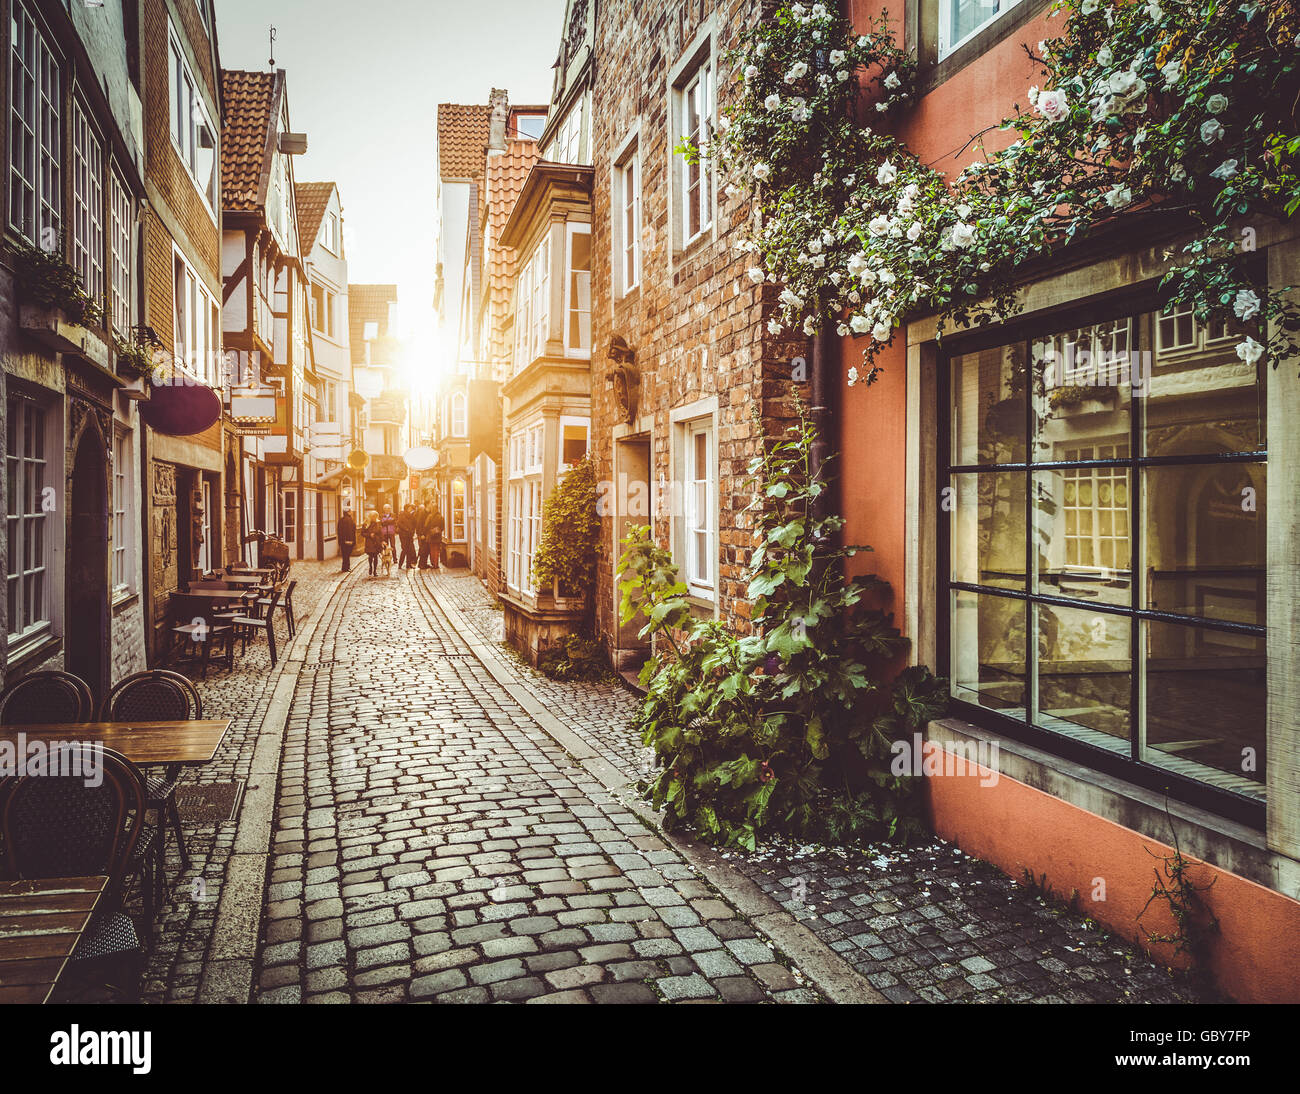 Encantadora ciudad antigua en Europa en la hermosa luz del atardecer dorado al atardecer en verano con estilo retro Imagen De Stock